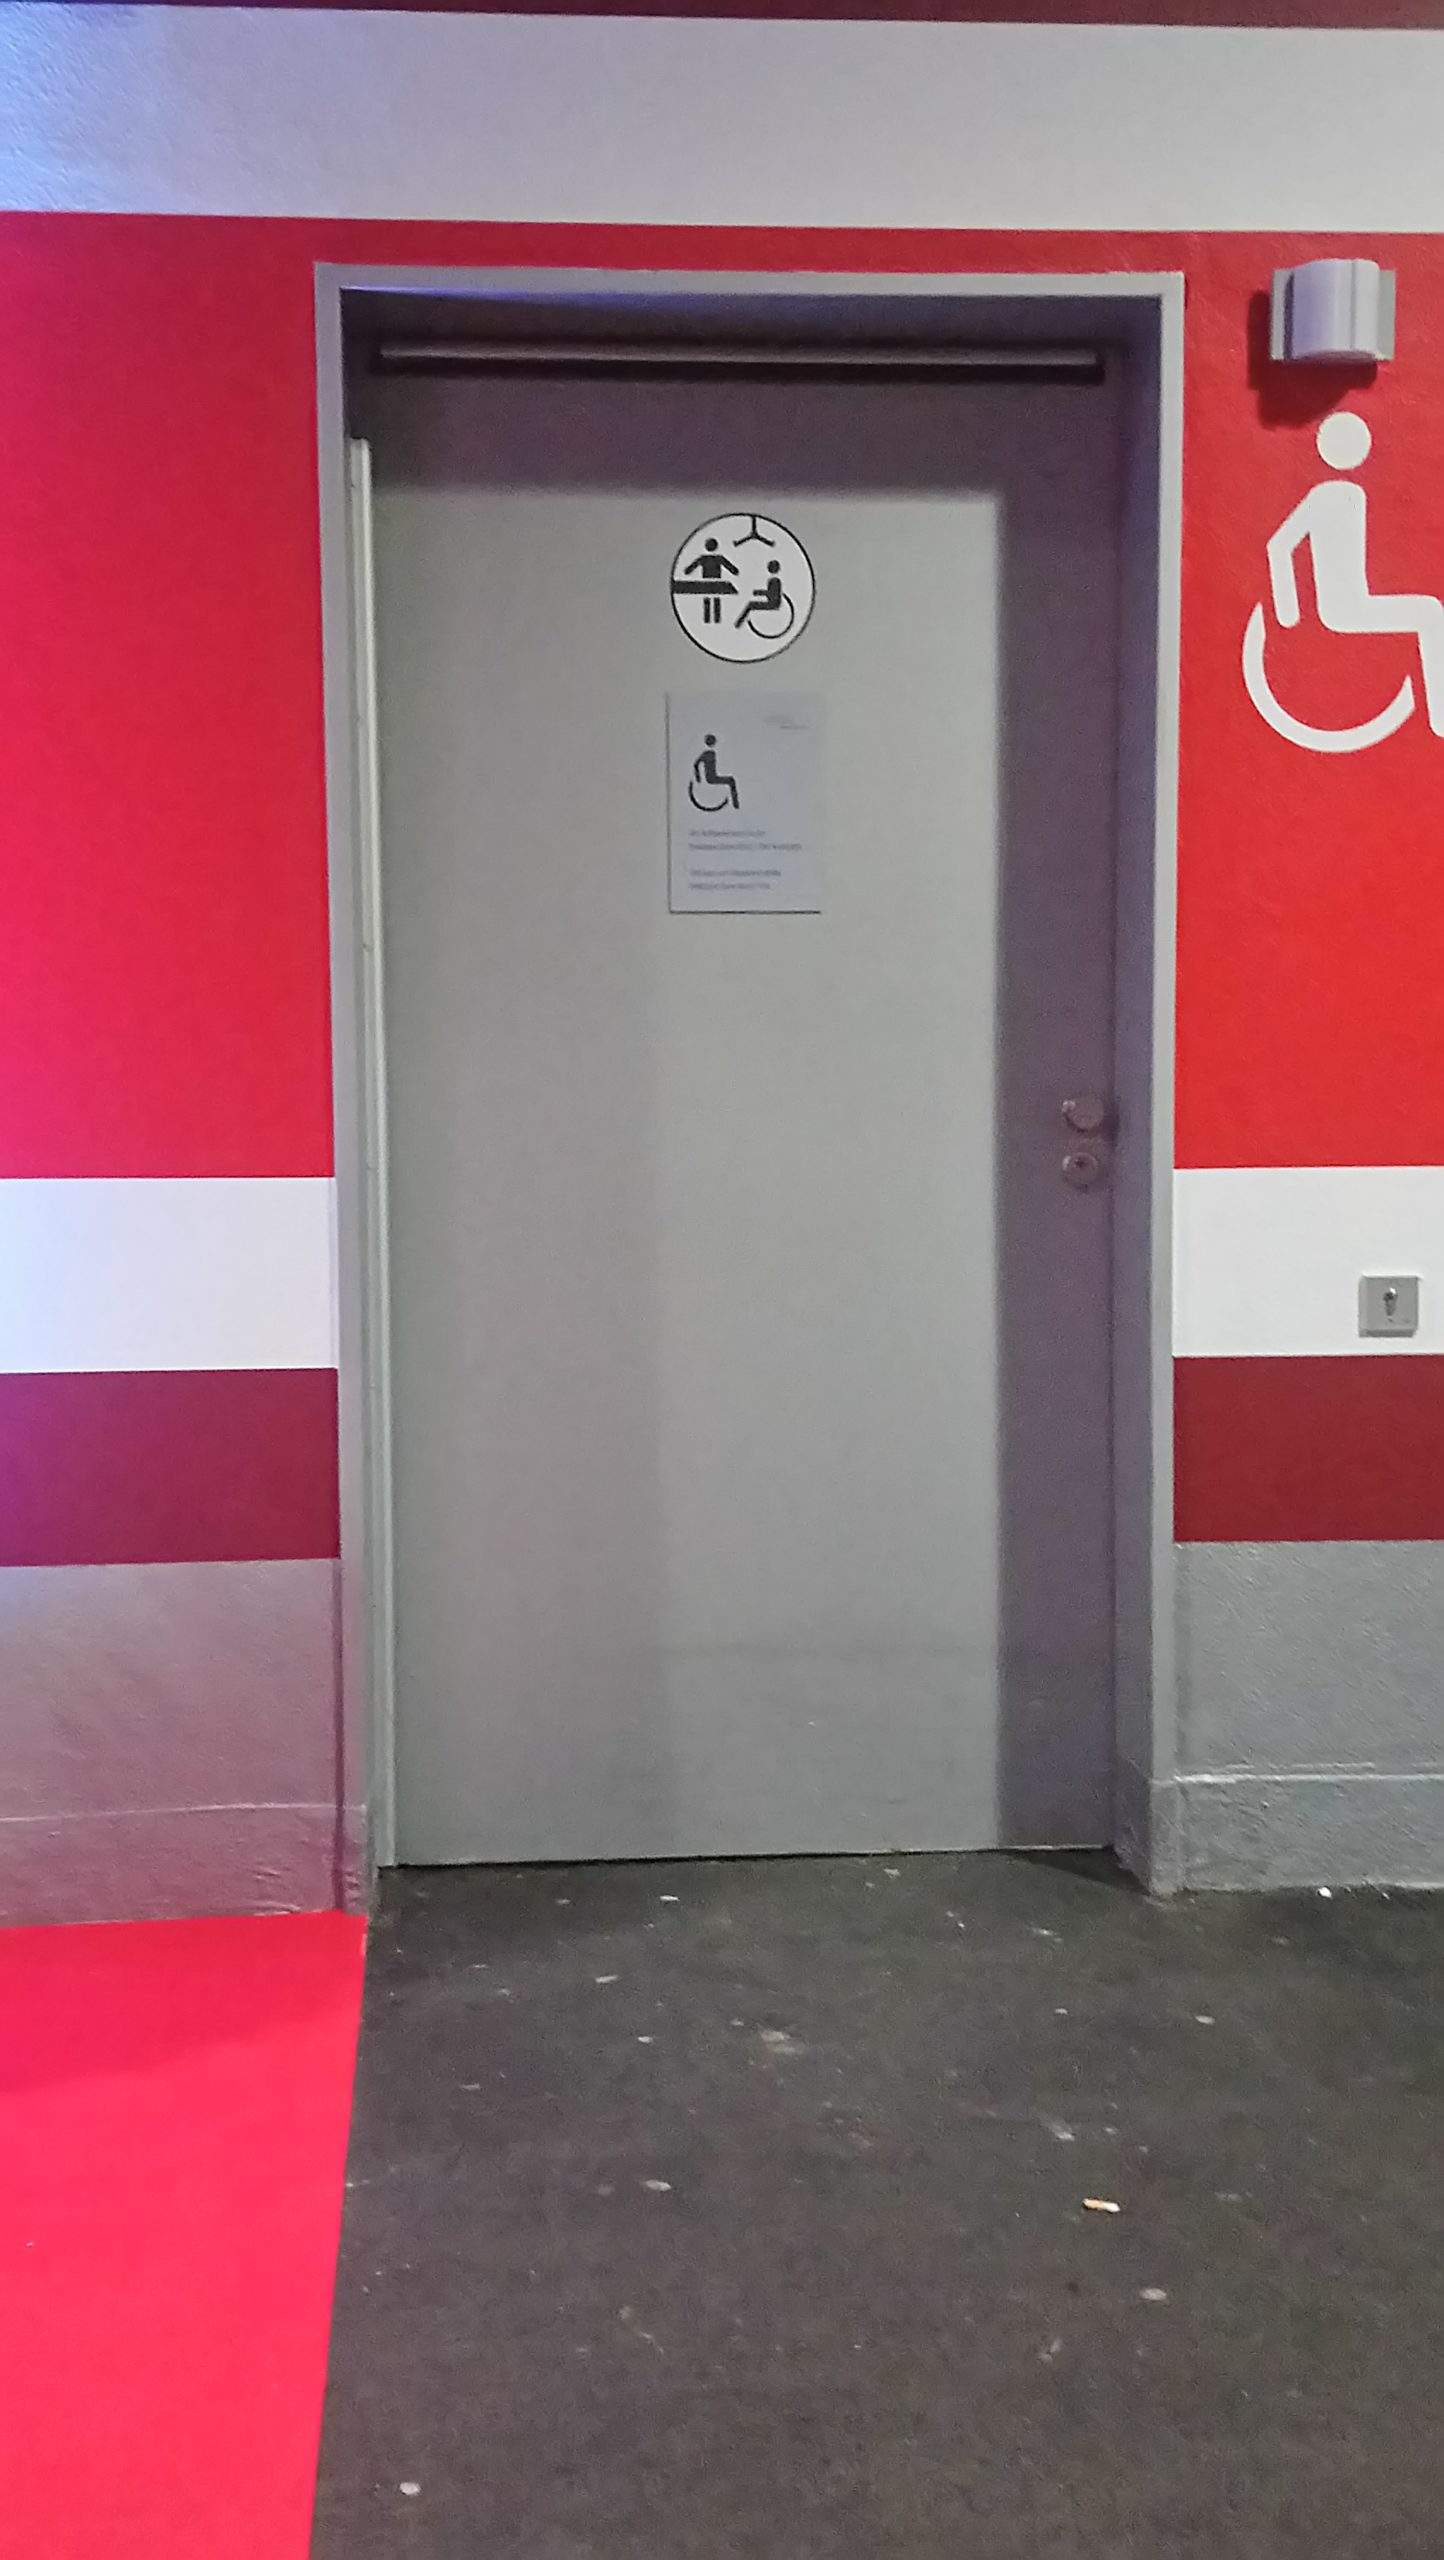 Tür mit dem offiziellen Schild für Toilette für Alle